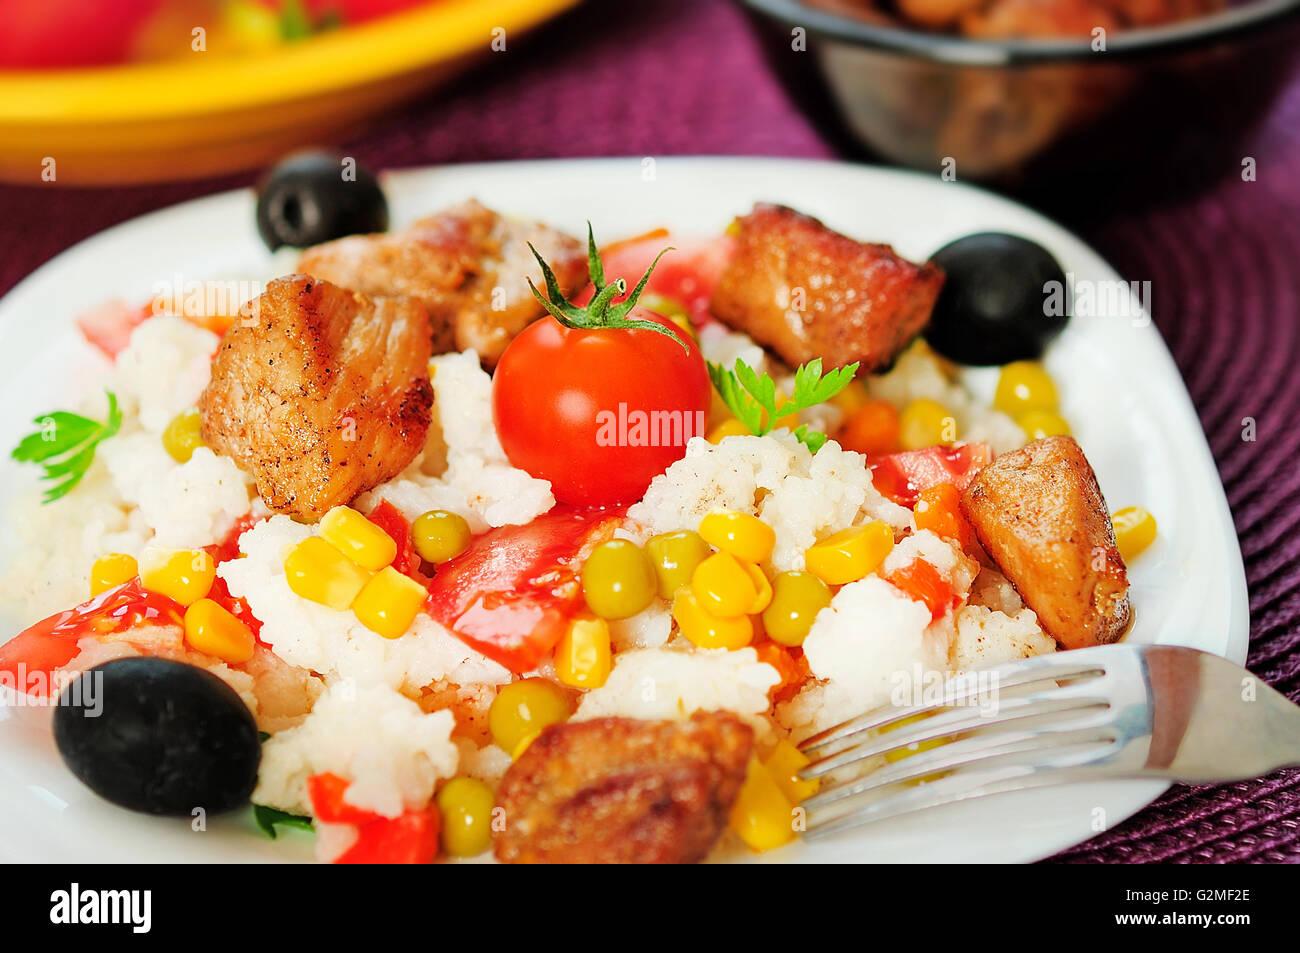 La plaque avec le risotto et de la viande Photo Stock